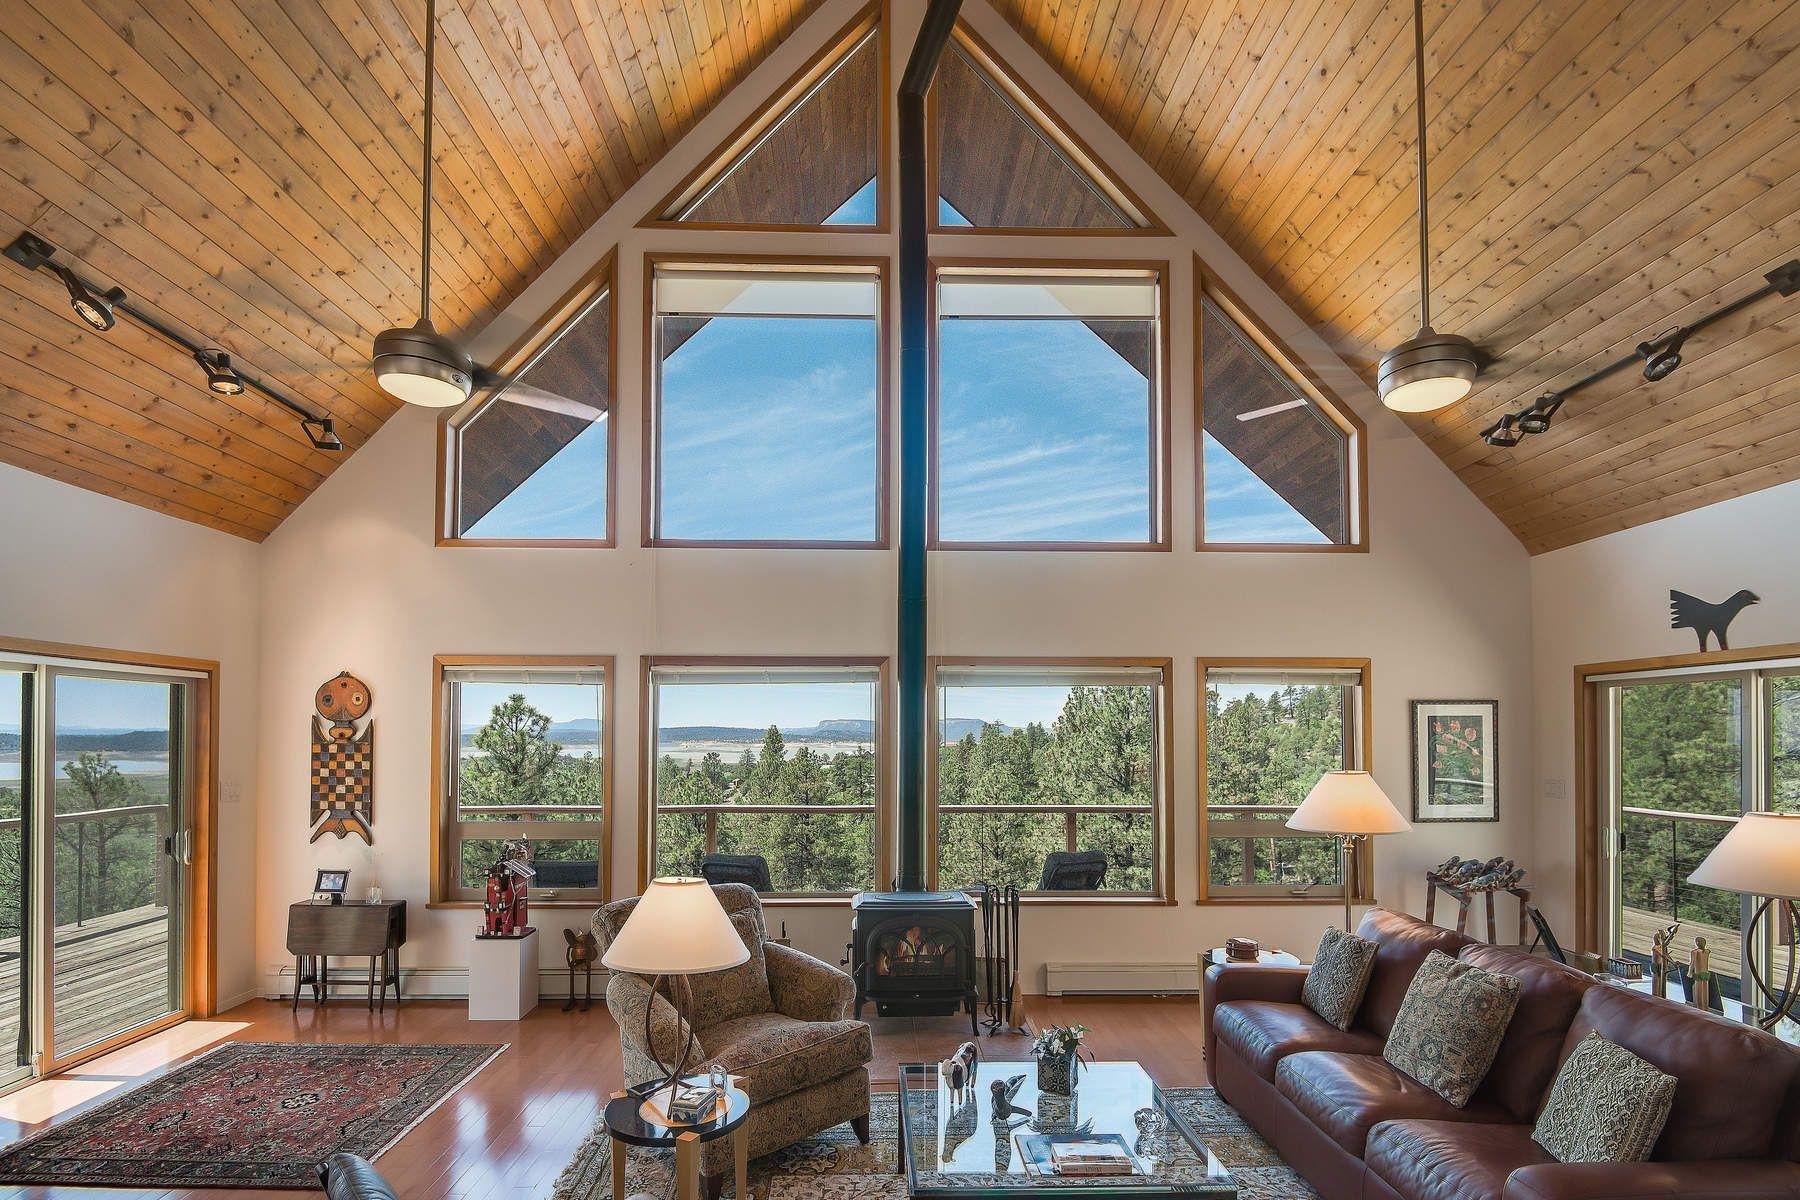 Частный односемейный дом для того Продажа на 9 Bonita Vista 9 Bonita Vista Trail, Tierra Amarilla, Нью-Йорк, 87575 Соединенные Штаты